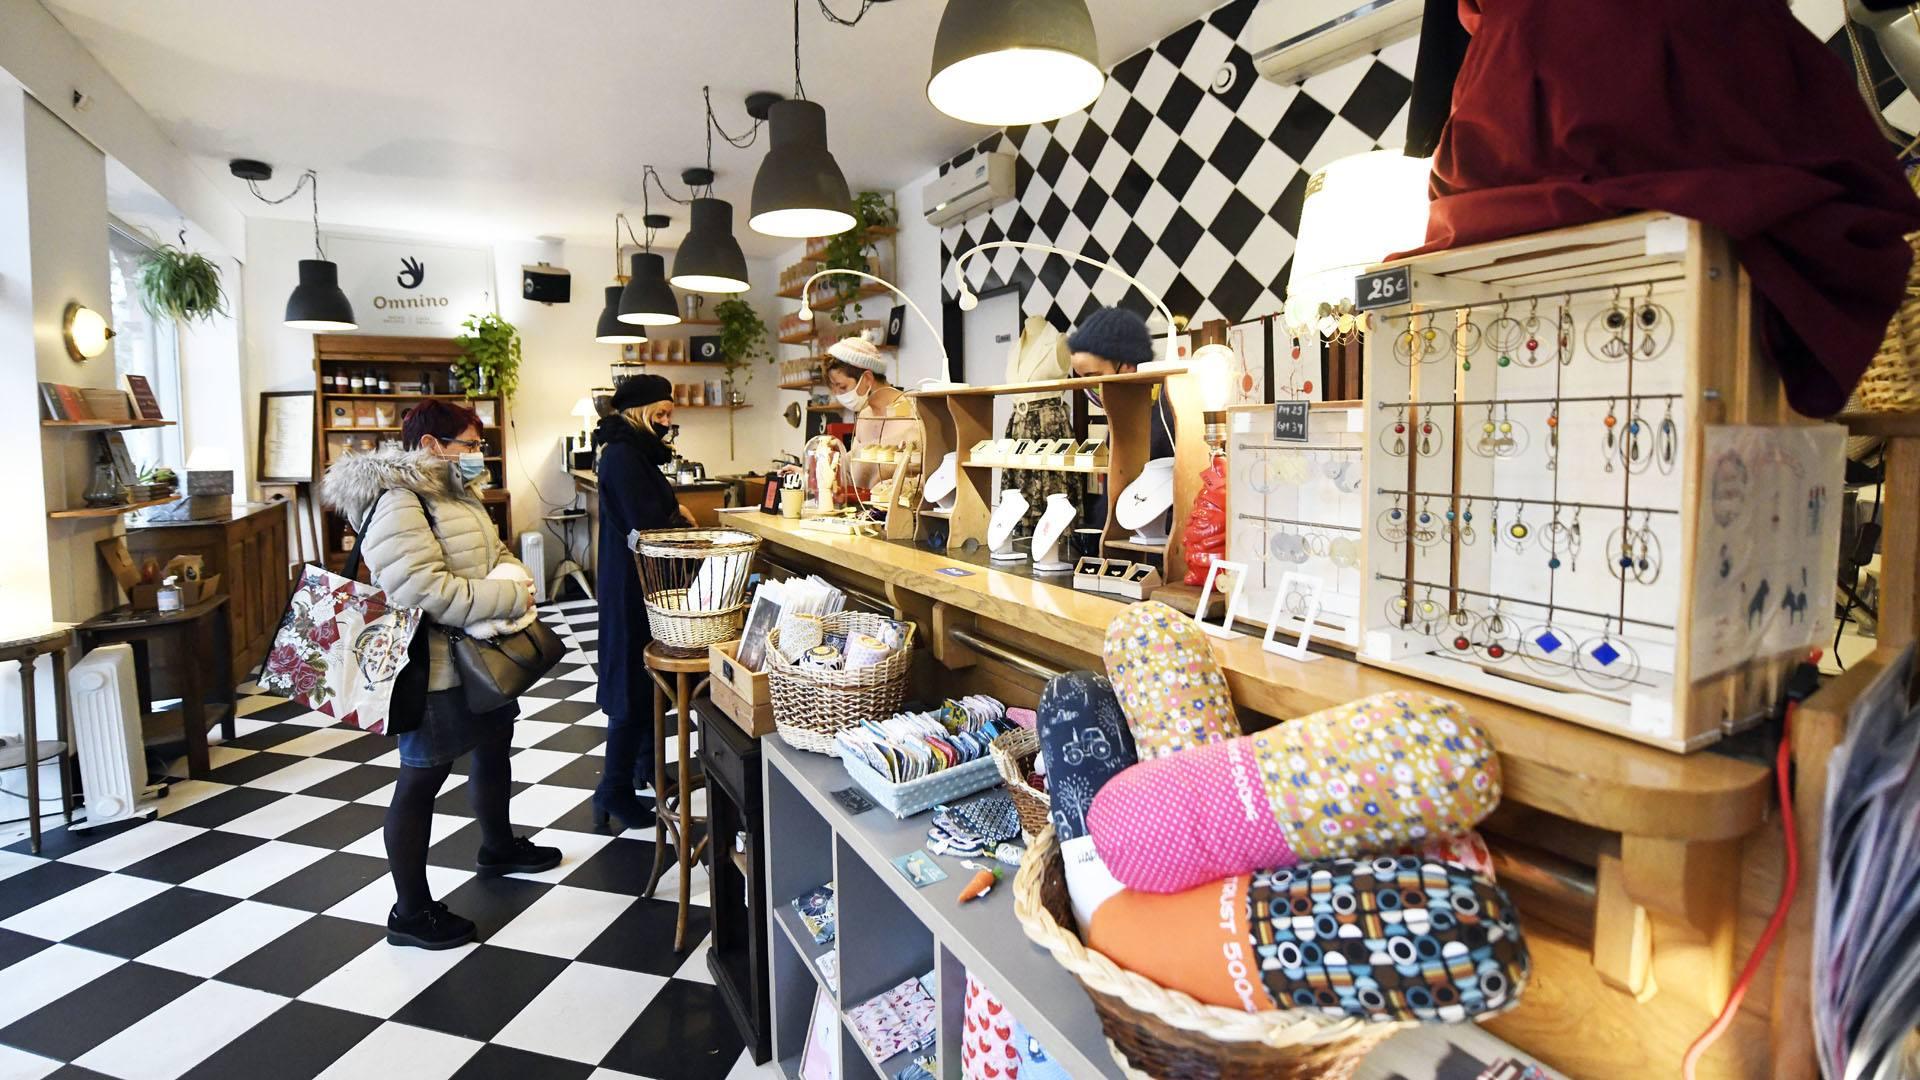 Un artichaut et des Etoiles sous le sapin : la boutique éphémère partage ses locaux avec Omnino